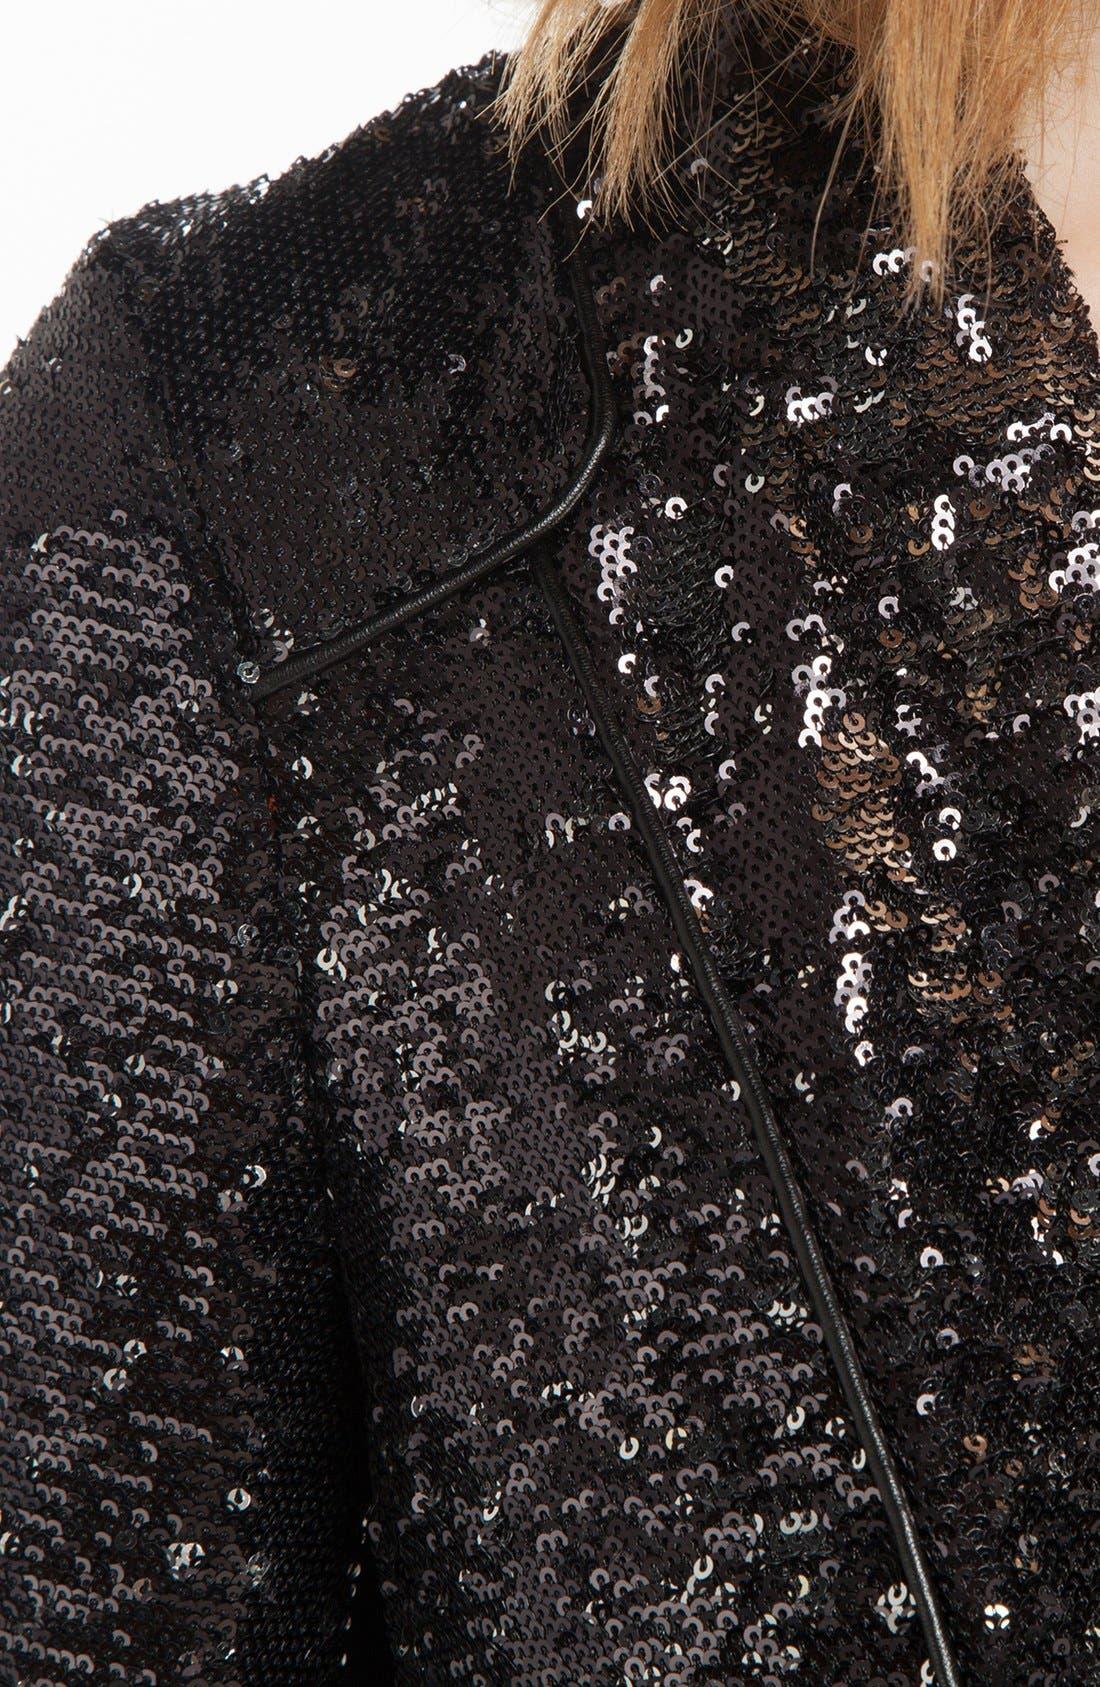 'Doucette' Sequin Jacket,                             Alternate thumbnail 3, color,                             001